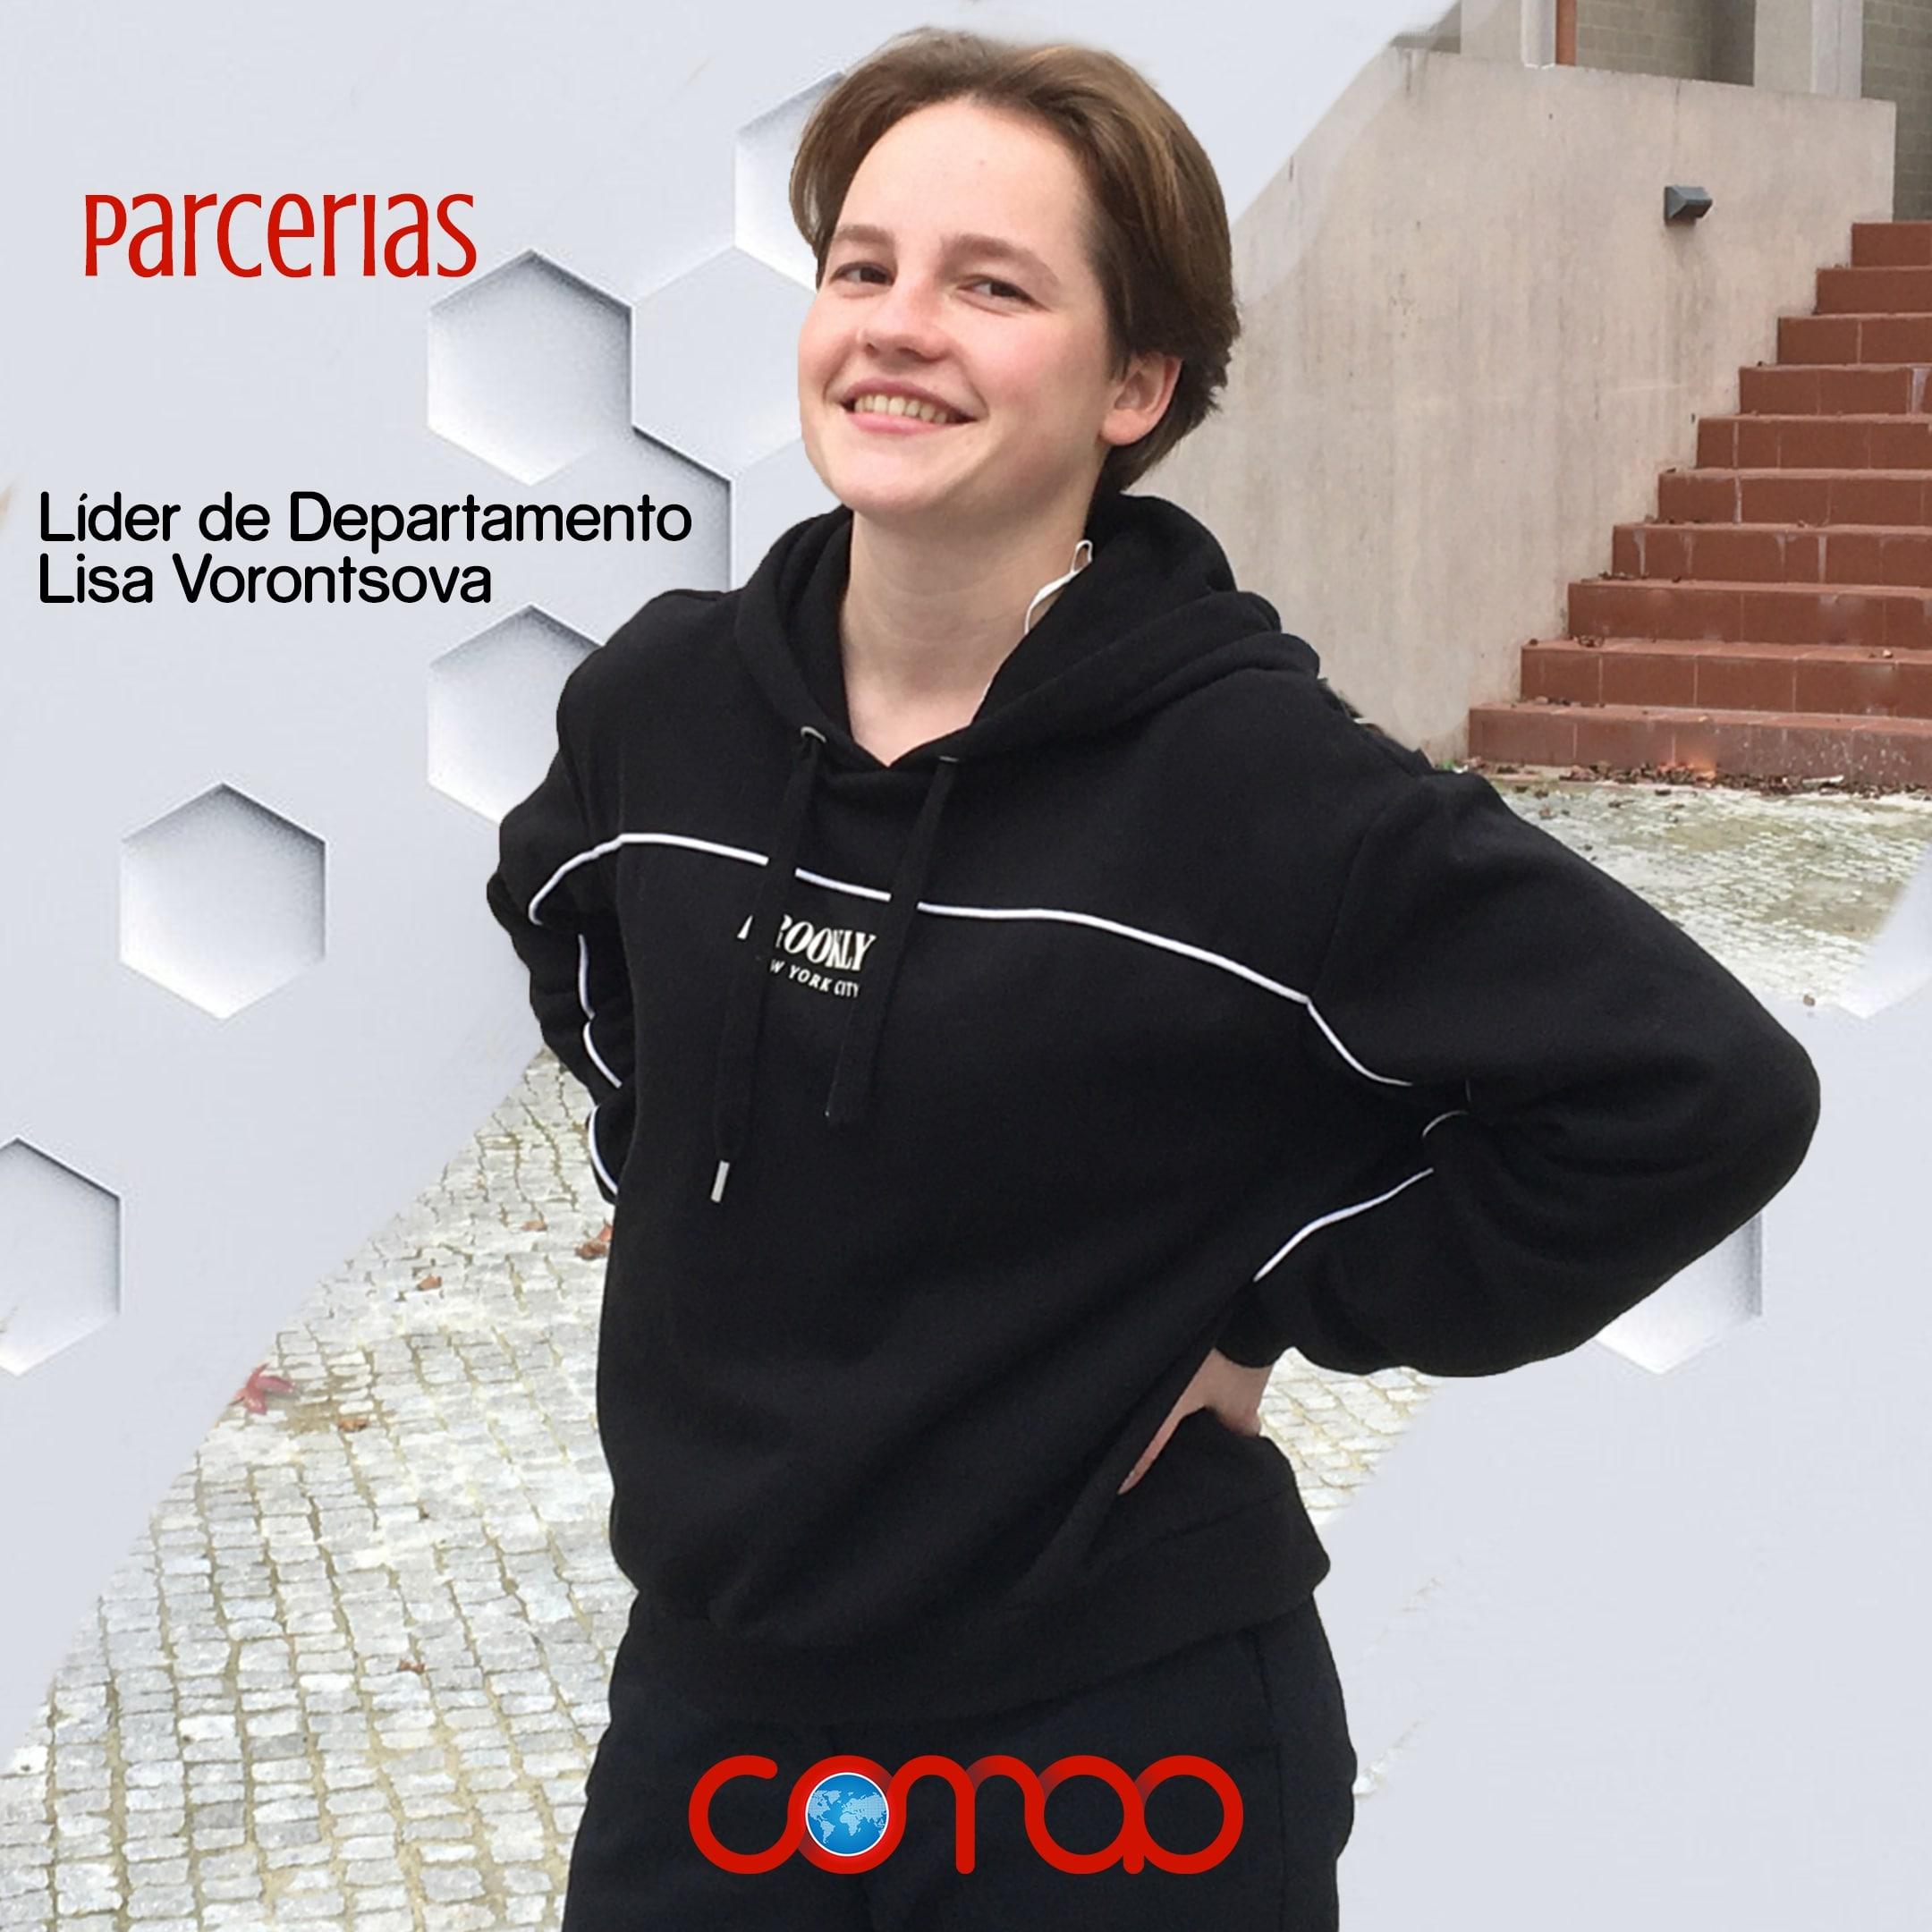 Lisa Vorontsova